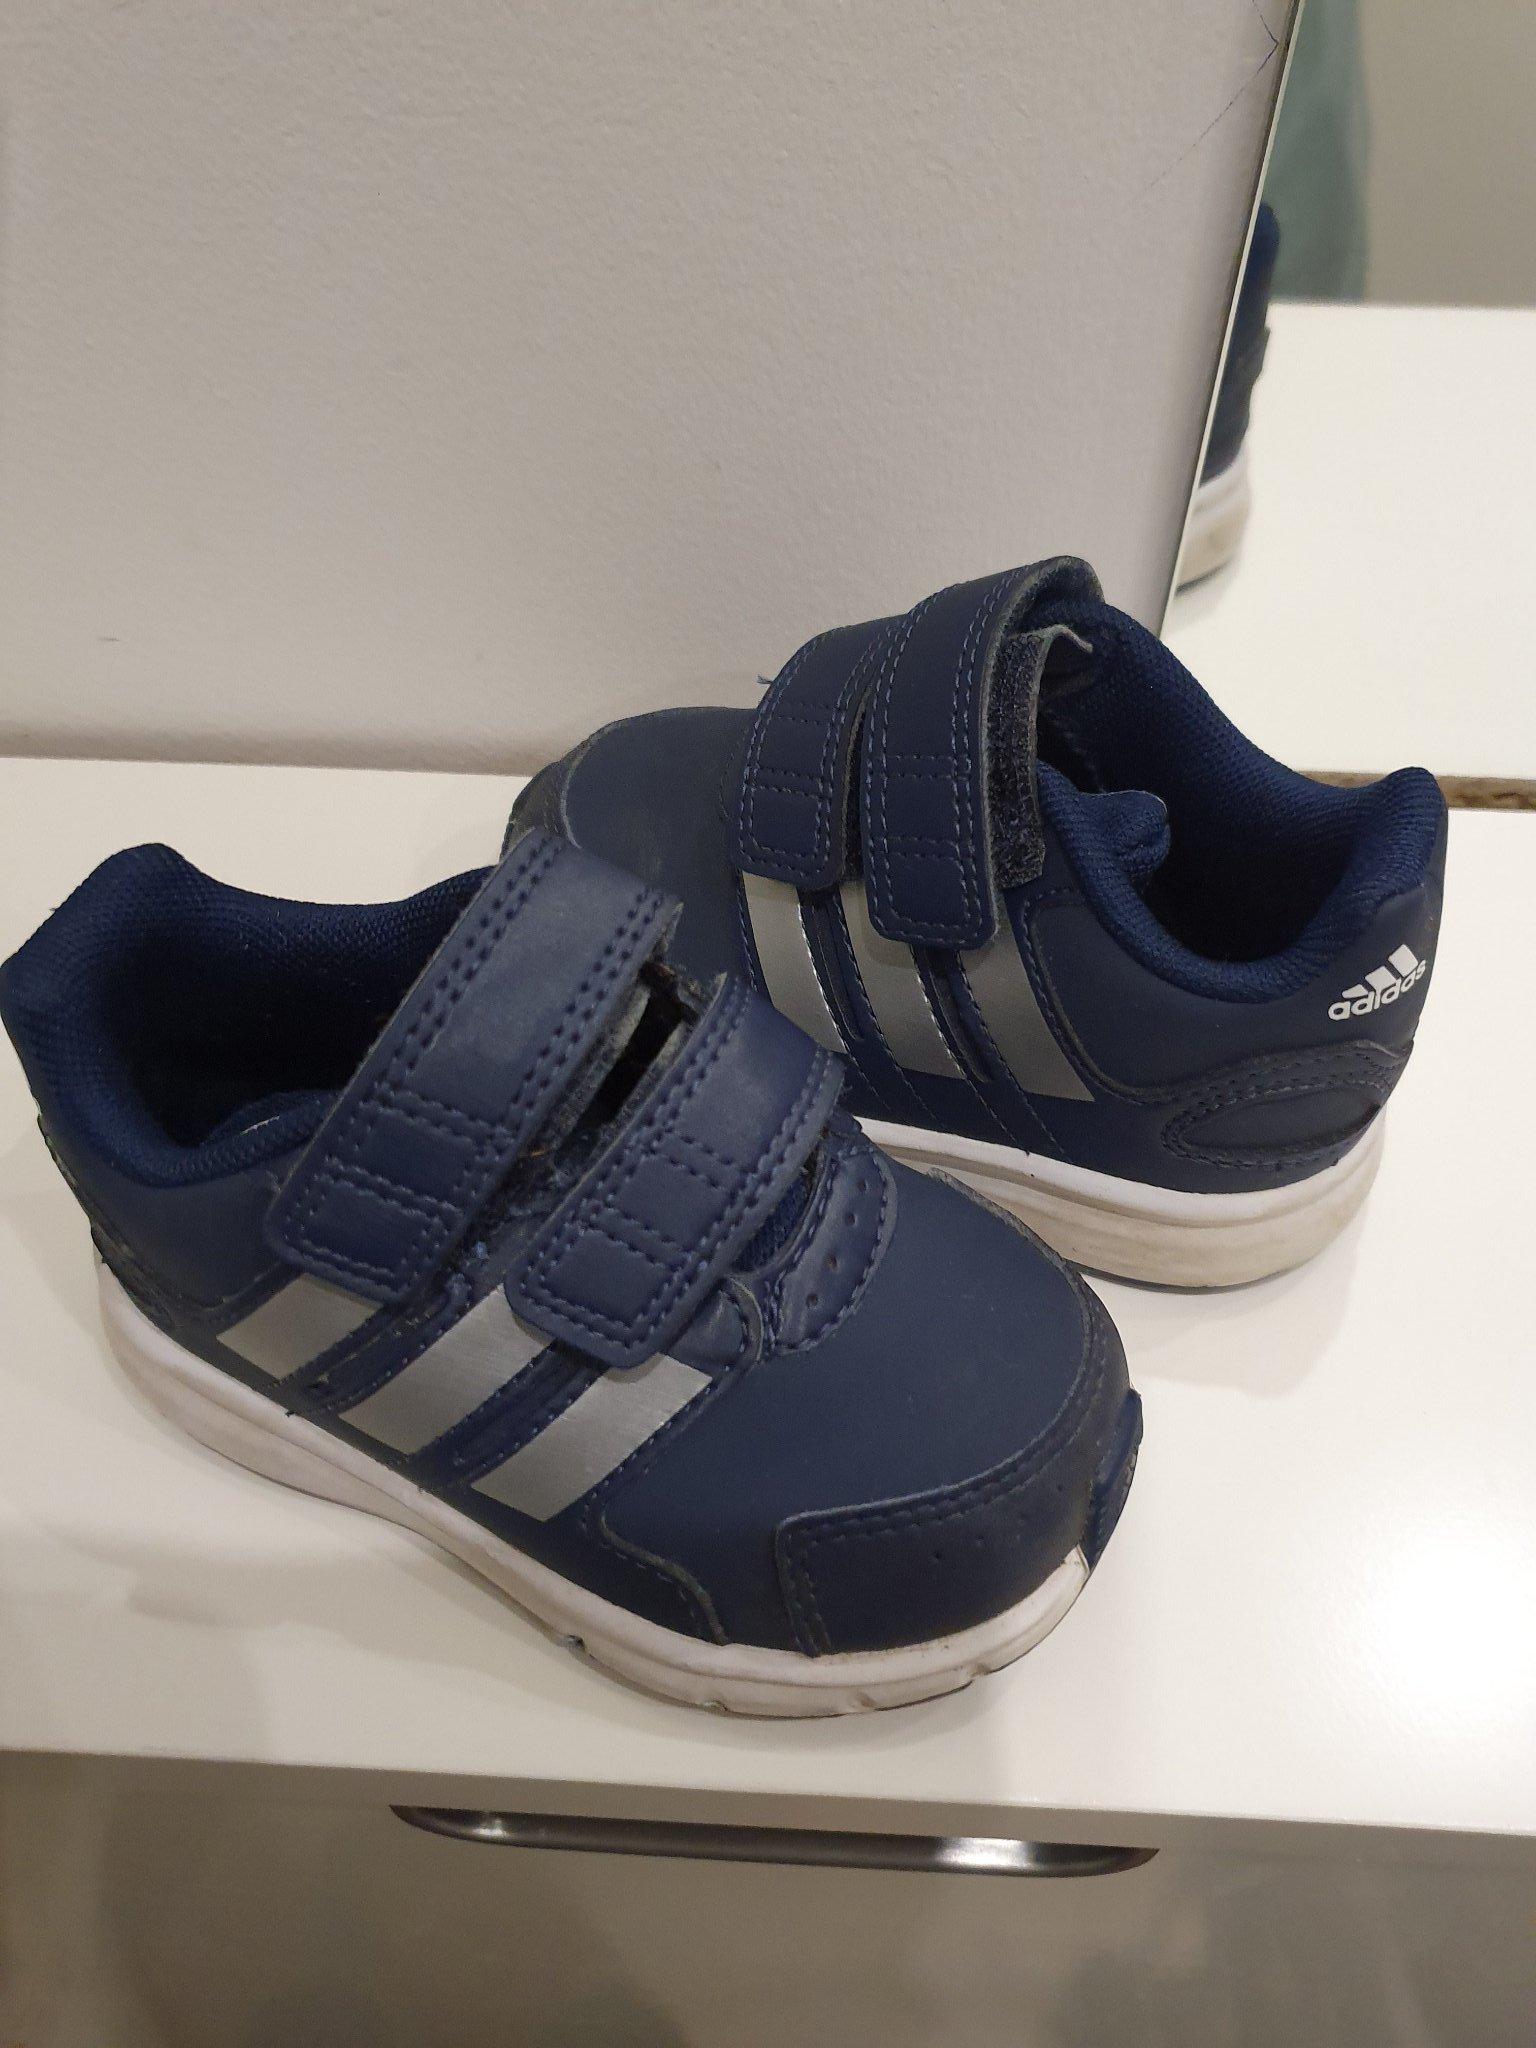 Adidas skor barnskor storlek 20 sneakers